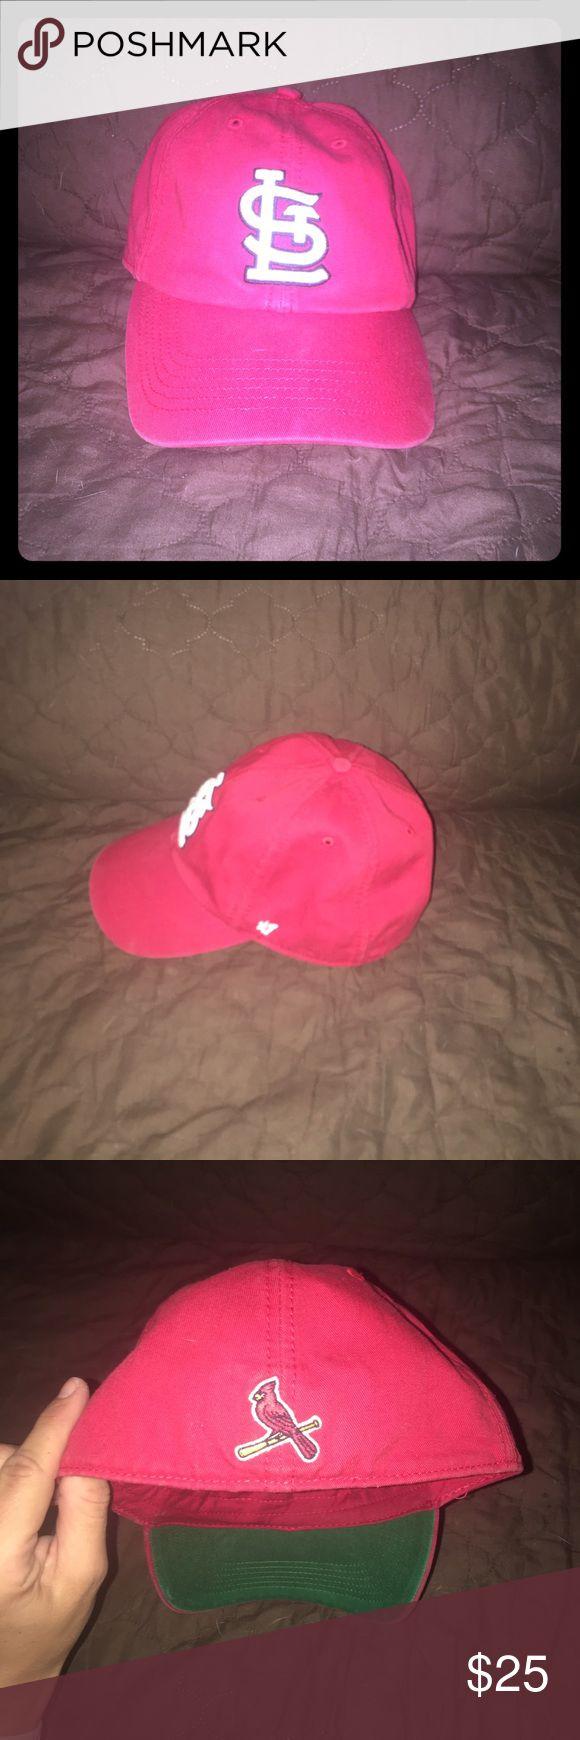 NWOT St Louis Cardinals Flex Fit Hat Sz M Brand new never worn. 47 Accessories Hats